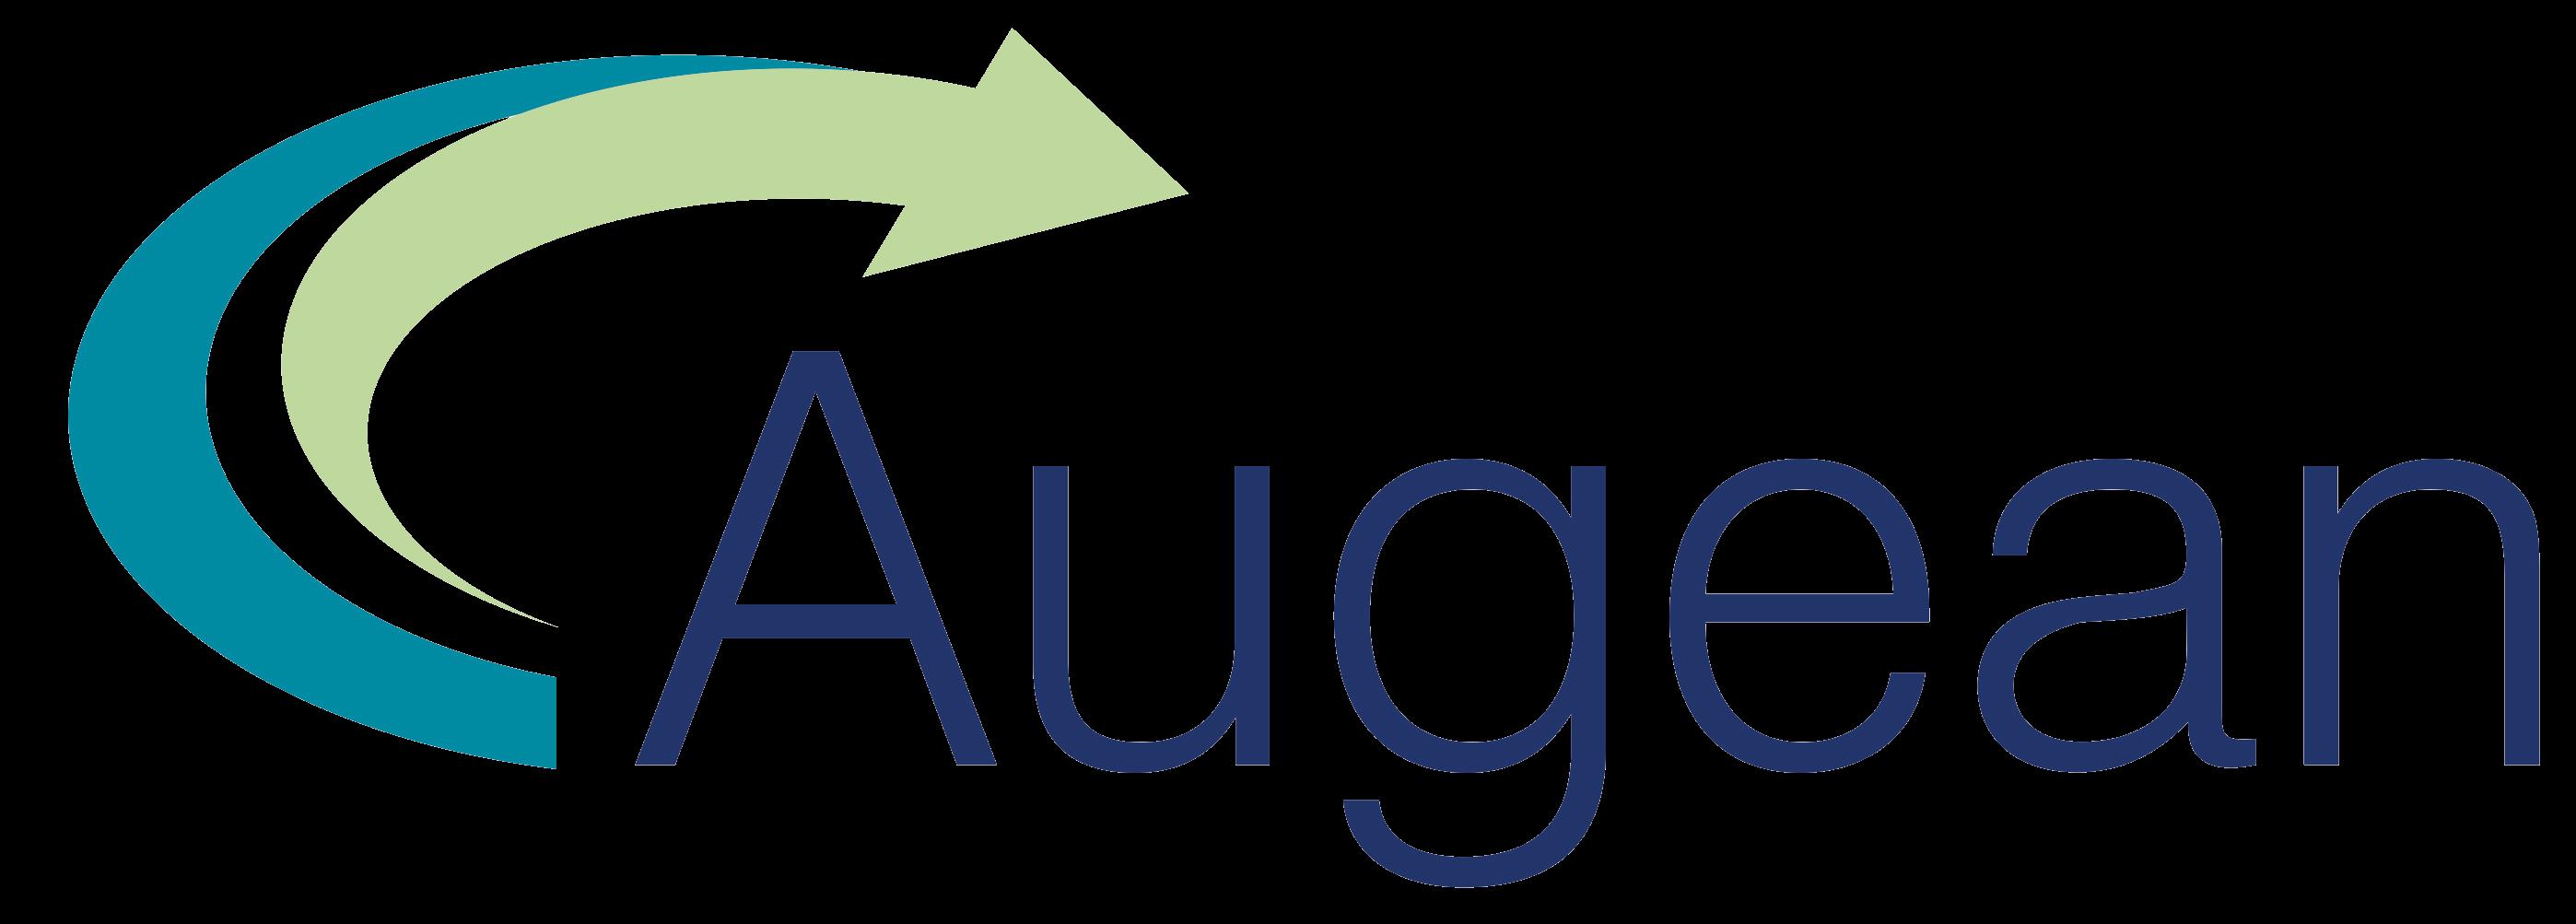 Augean Plc